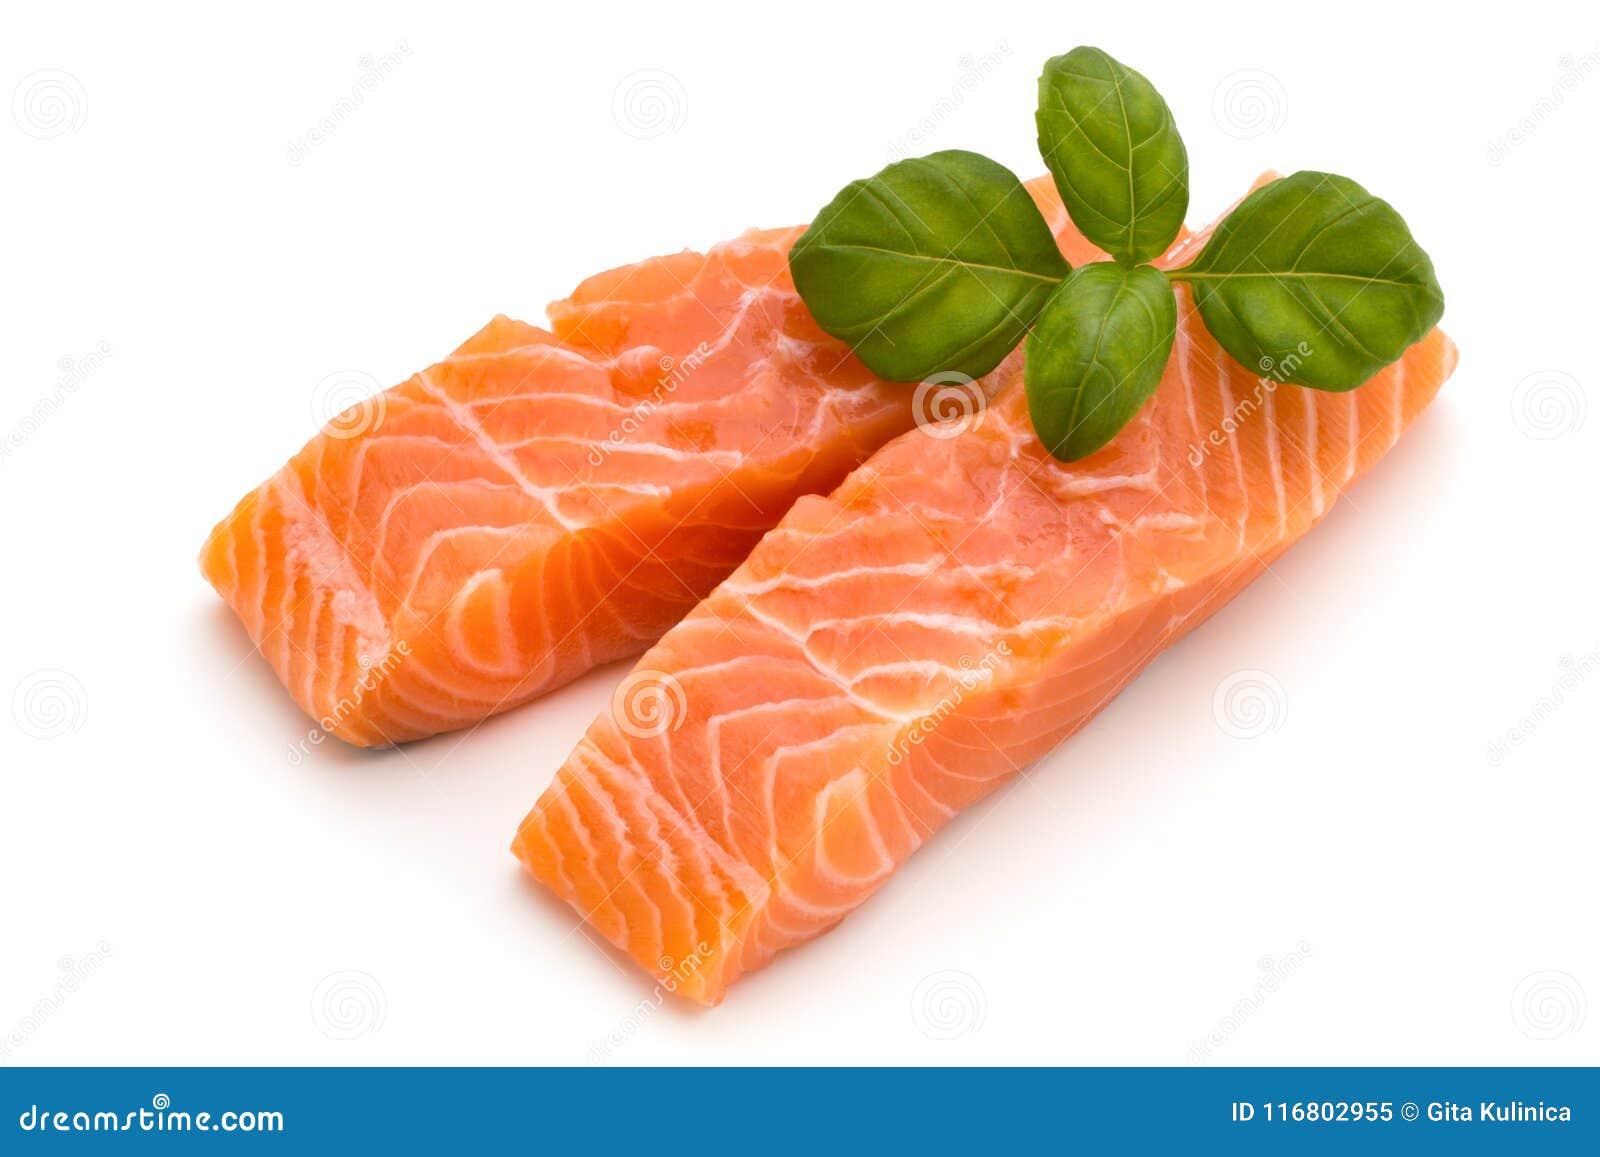 Raccordo di color salmone fresco con basilico sui precedenti bianchi